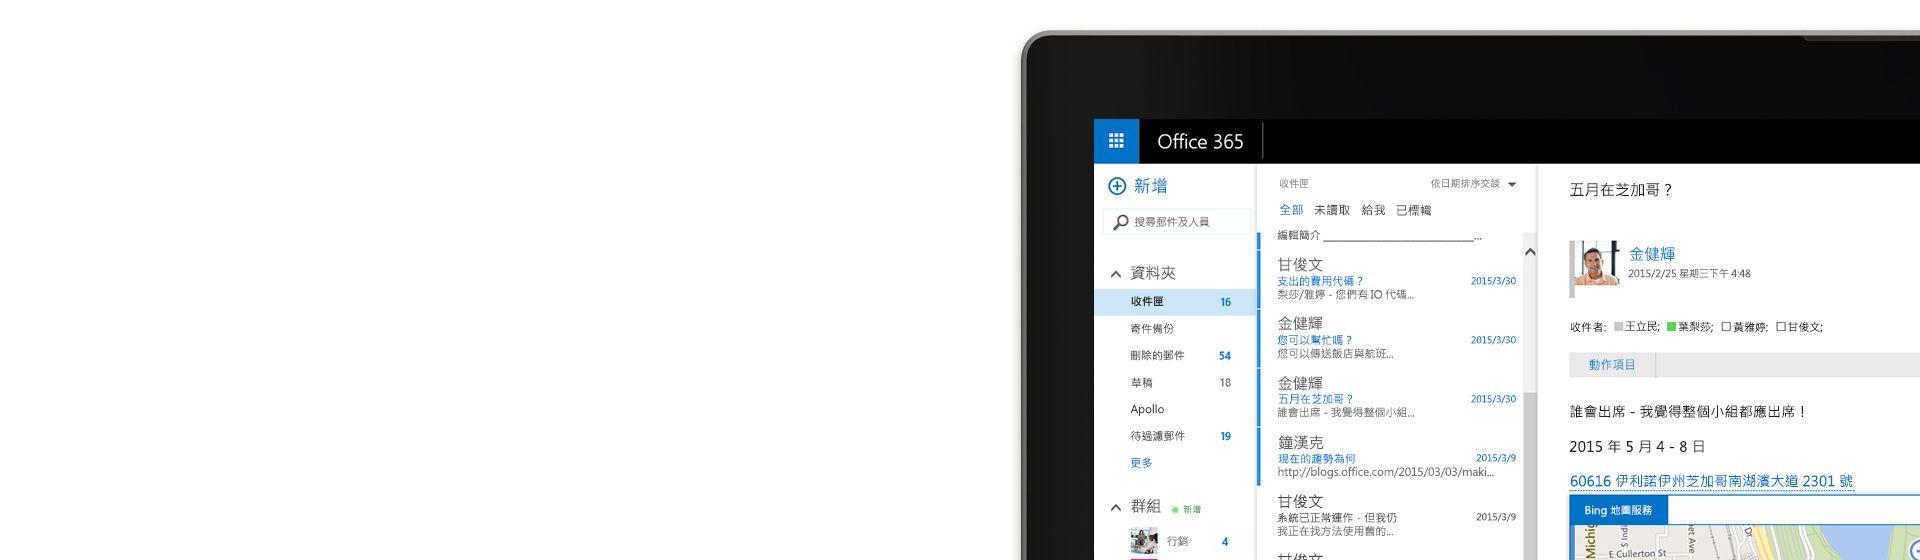 顯示 Office 365 中的電子郵件收件匣的電腦螢幕一角